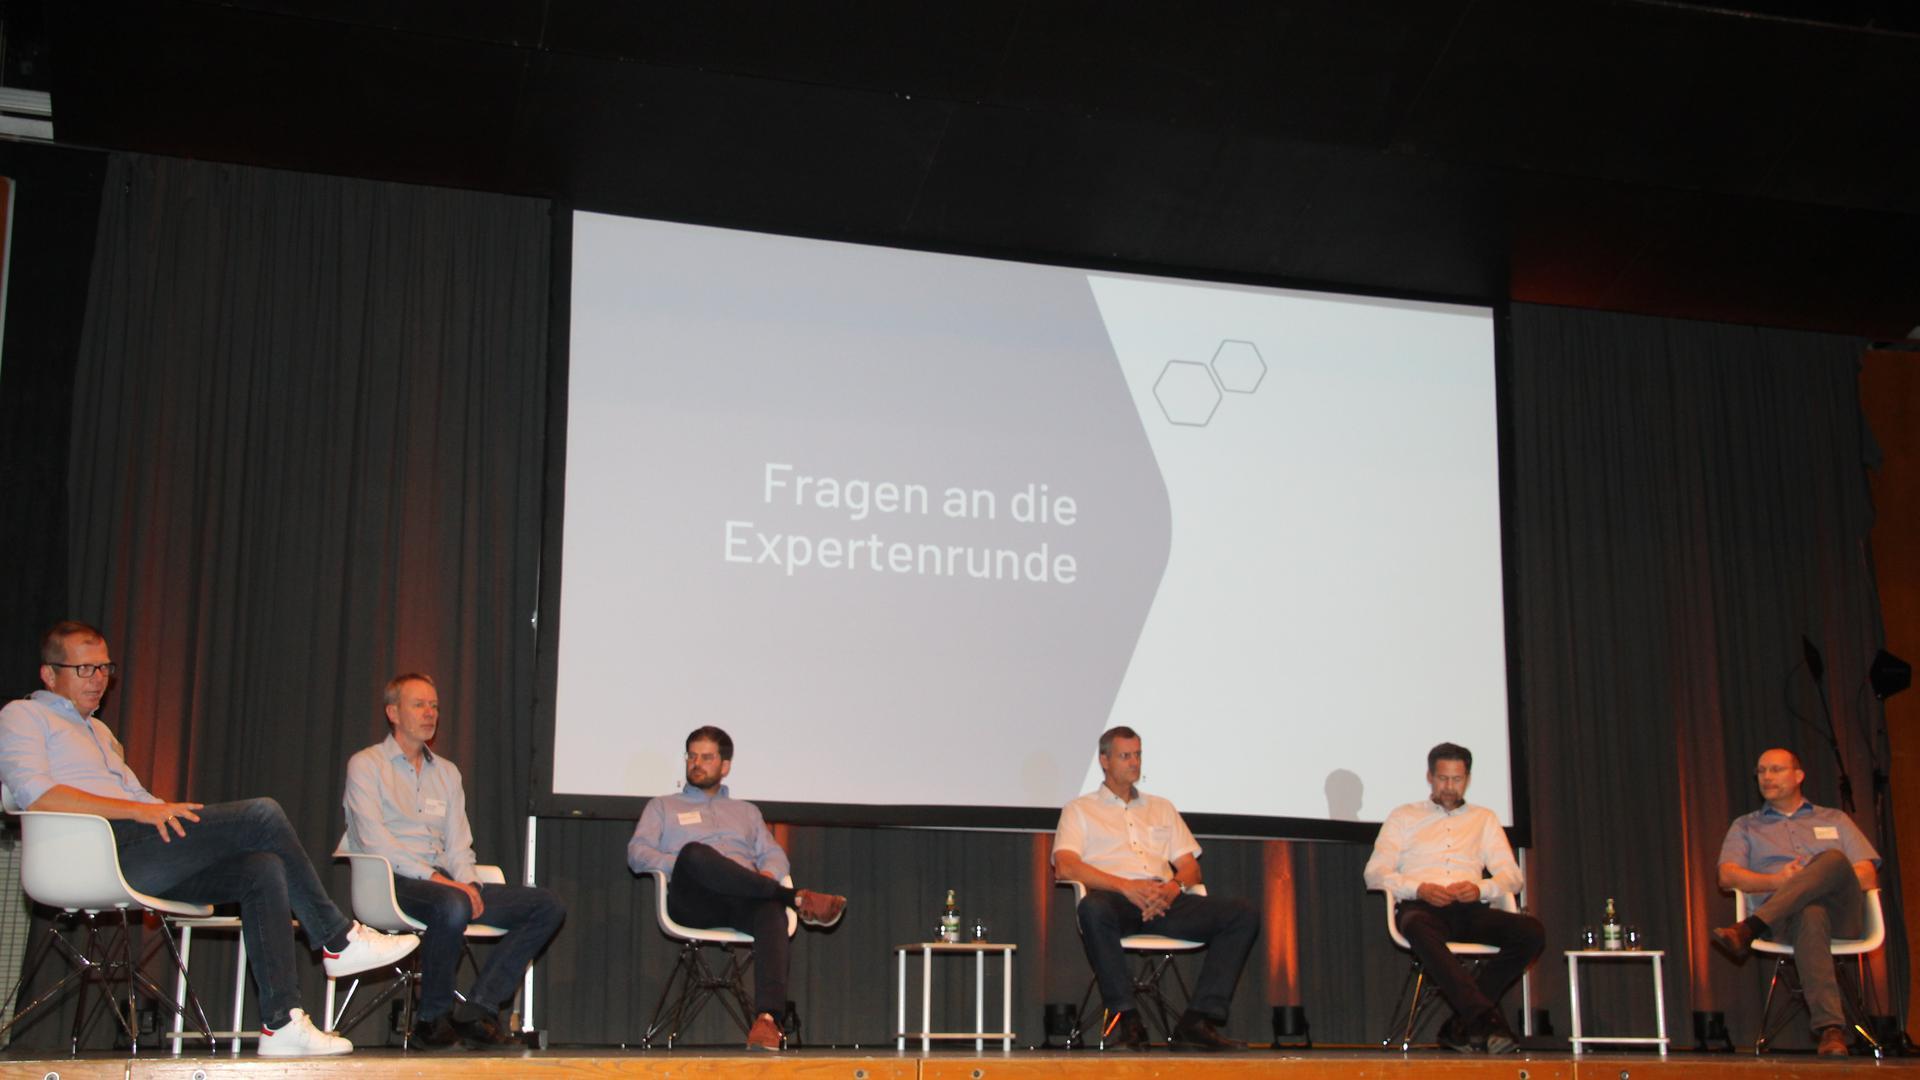 Im Stuhlhalbkreis auf einer Bühne sitzend Experten beim Geothermie-Infotag in Graben-Neudorf